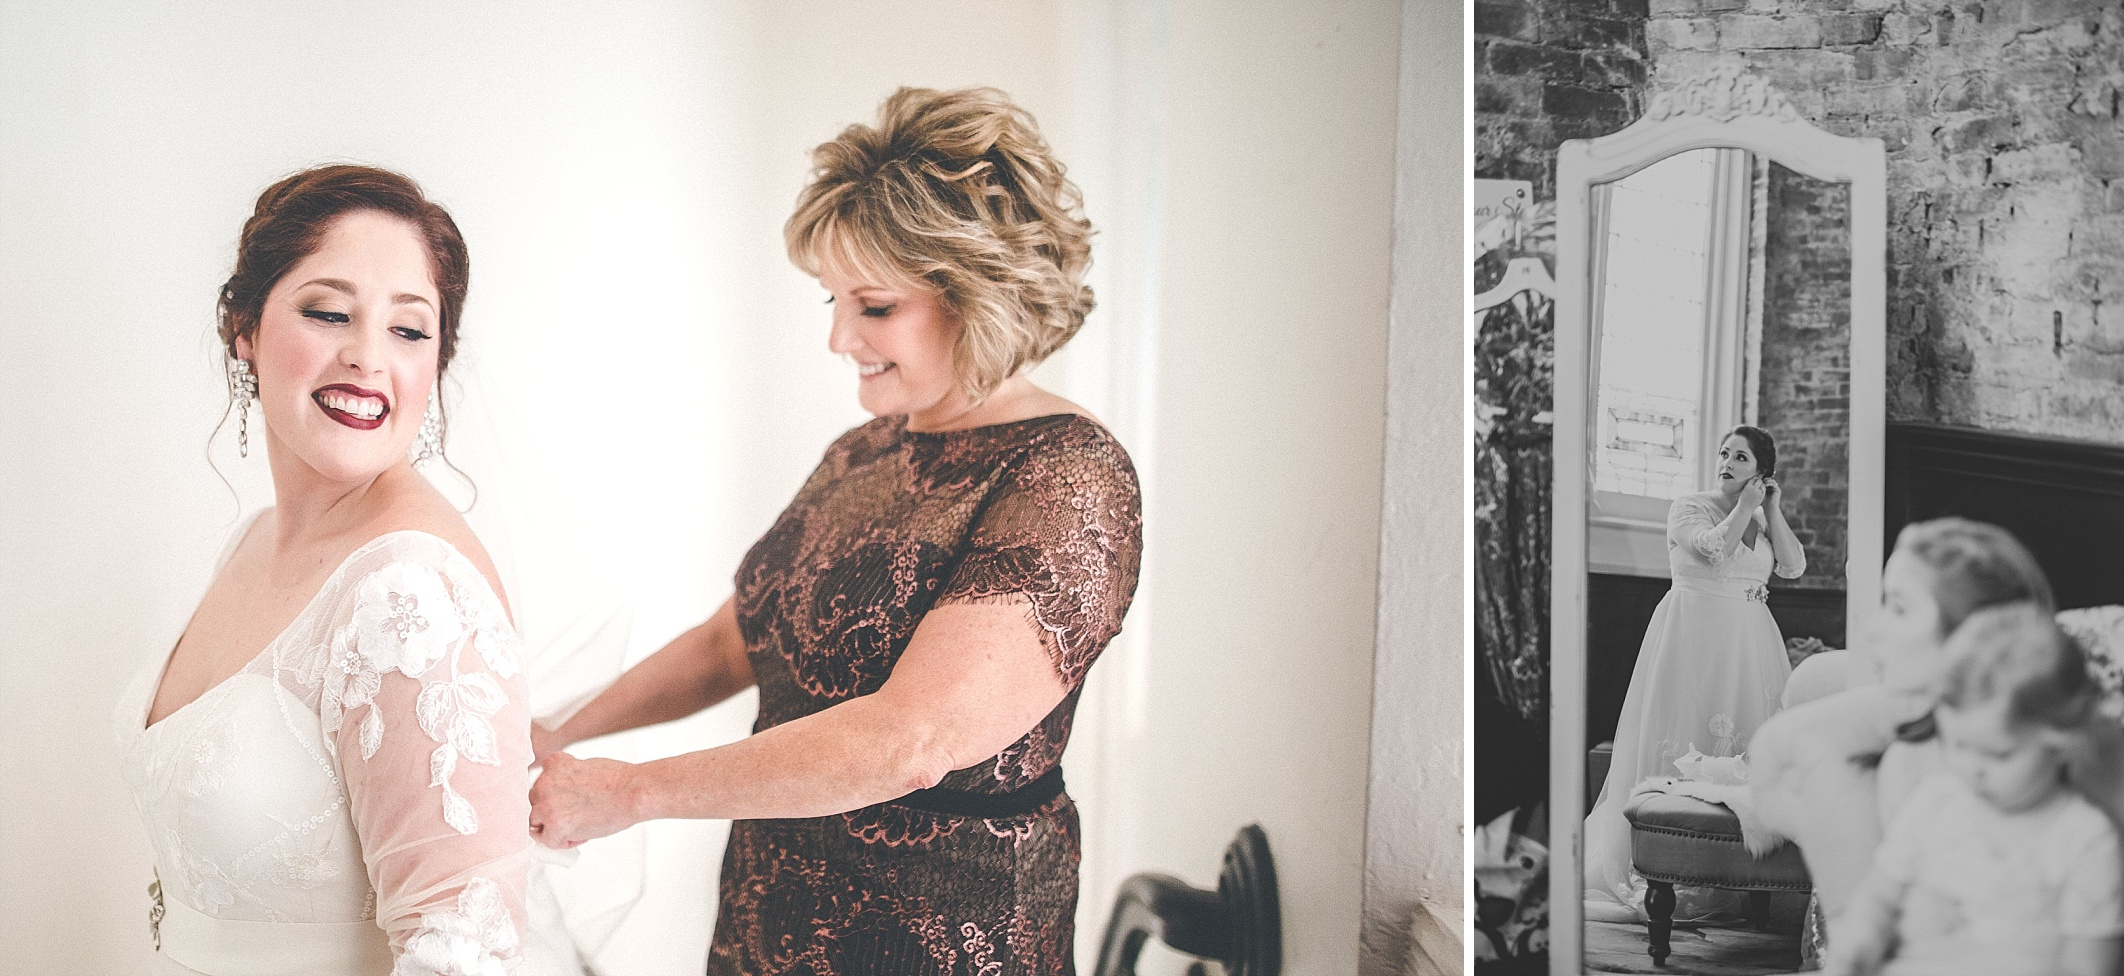 hilary-aaron-cincinnati-trancept-wedding-photographer-dayton-ohio_0006.jpg